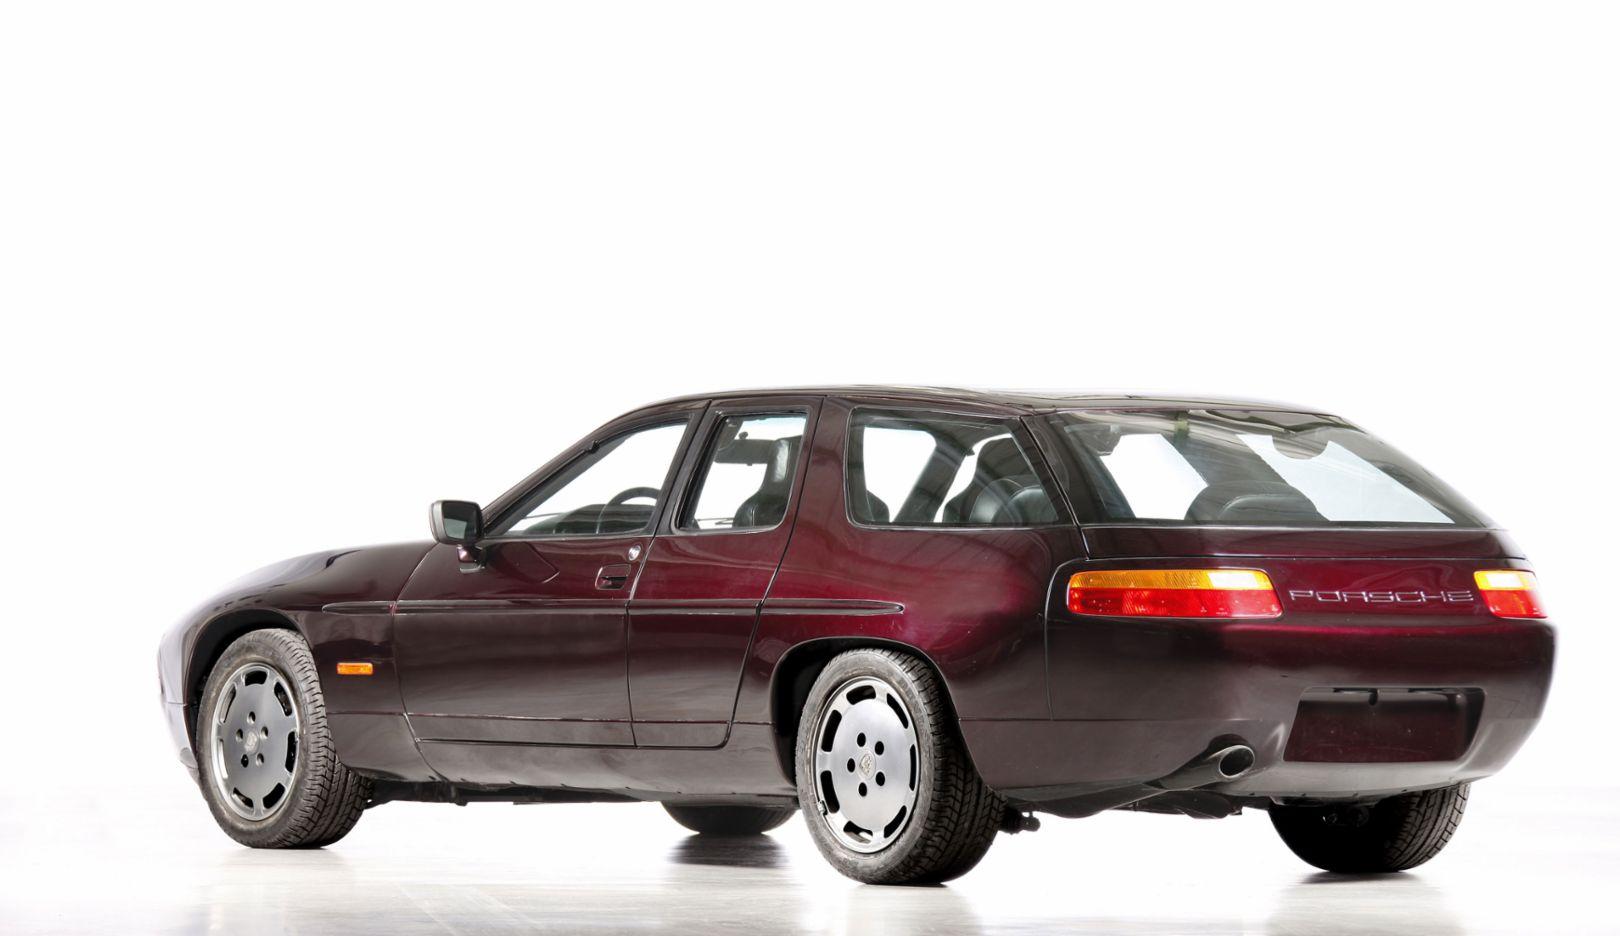 928 Viersitzer Studie (viertürig) von 1988, 2017, Porsche AG